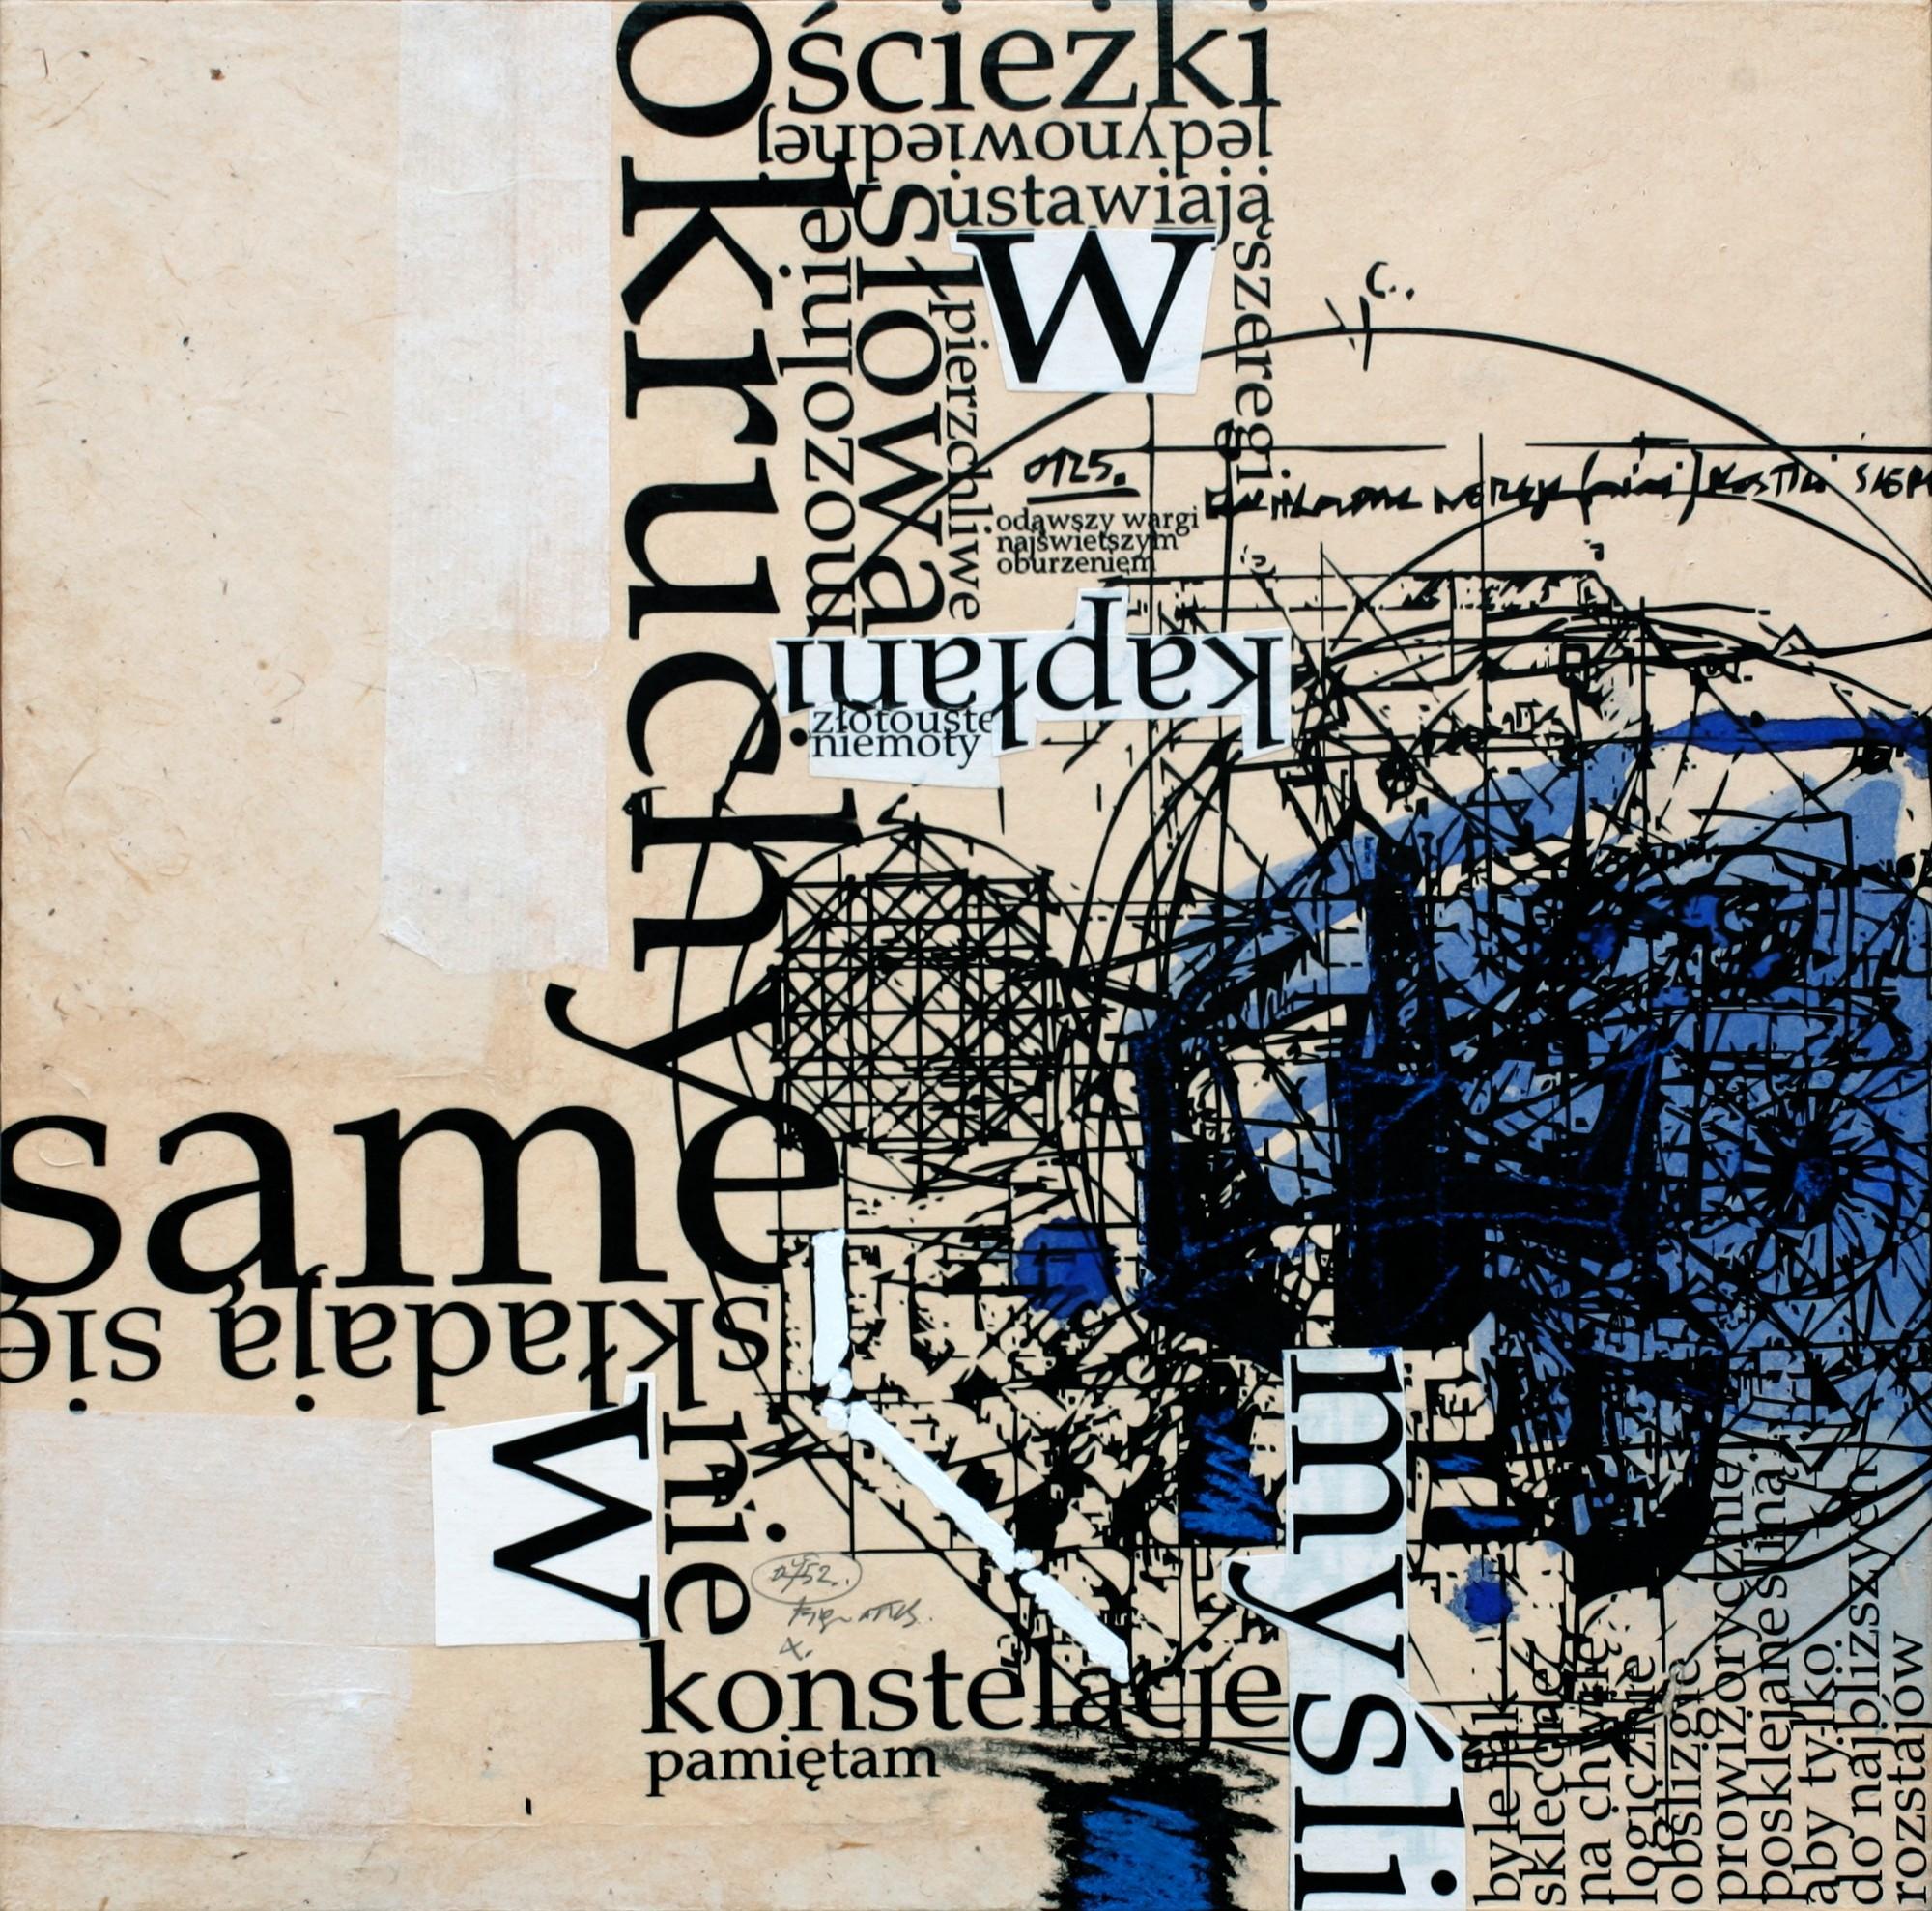 """Andrzej Bednarczyk, """"Wiersze labiryntowe (Siódmy)"""", 2011, dzięki uprzejmości artysty (źródło: materiały prasowe organizatora wystawy)"""